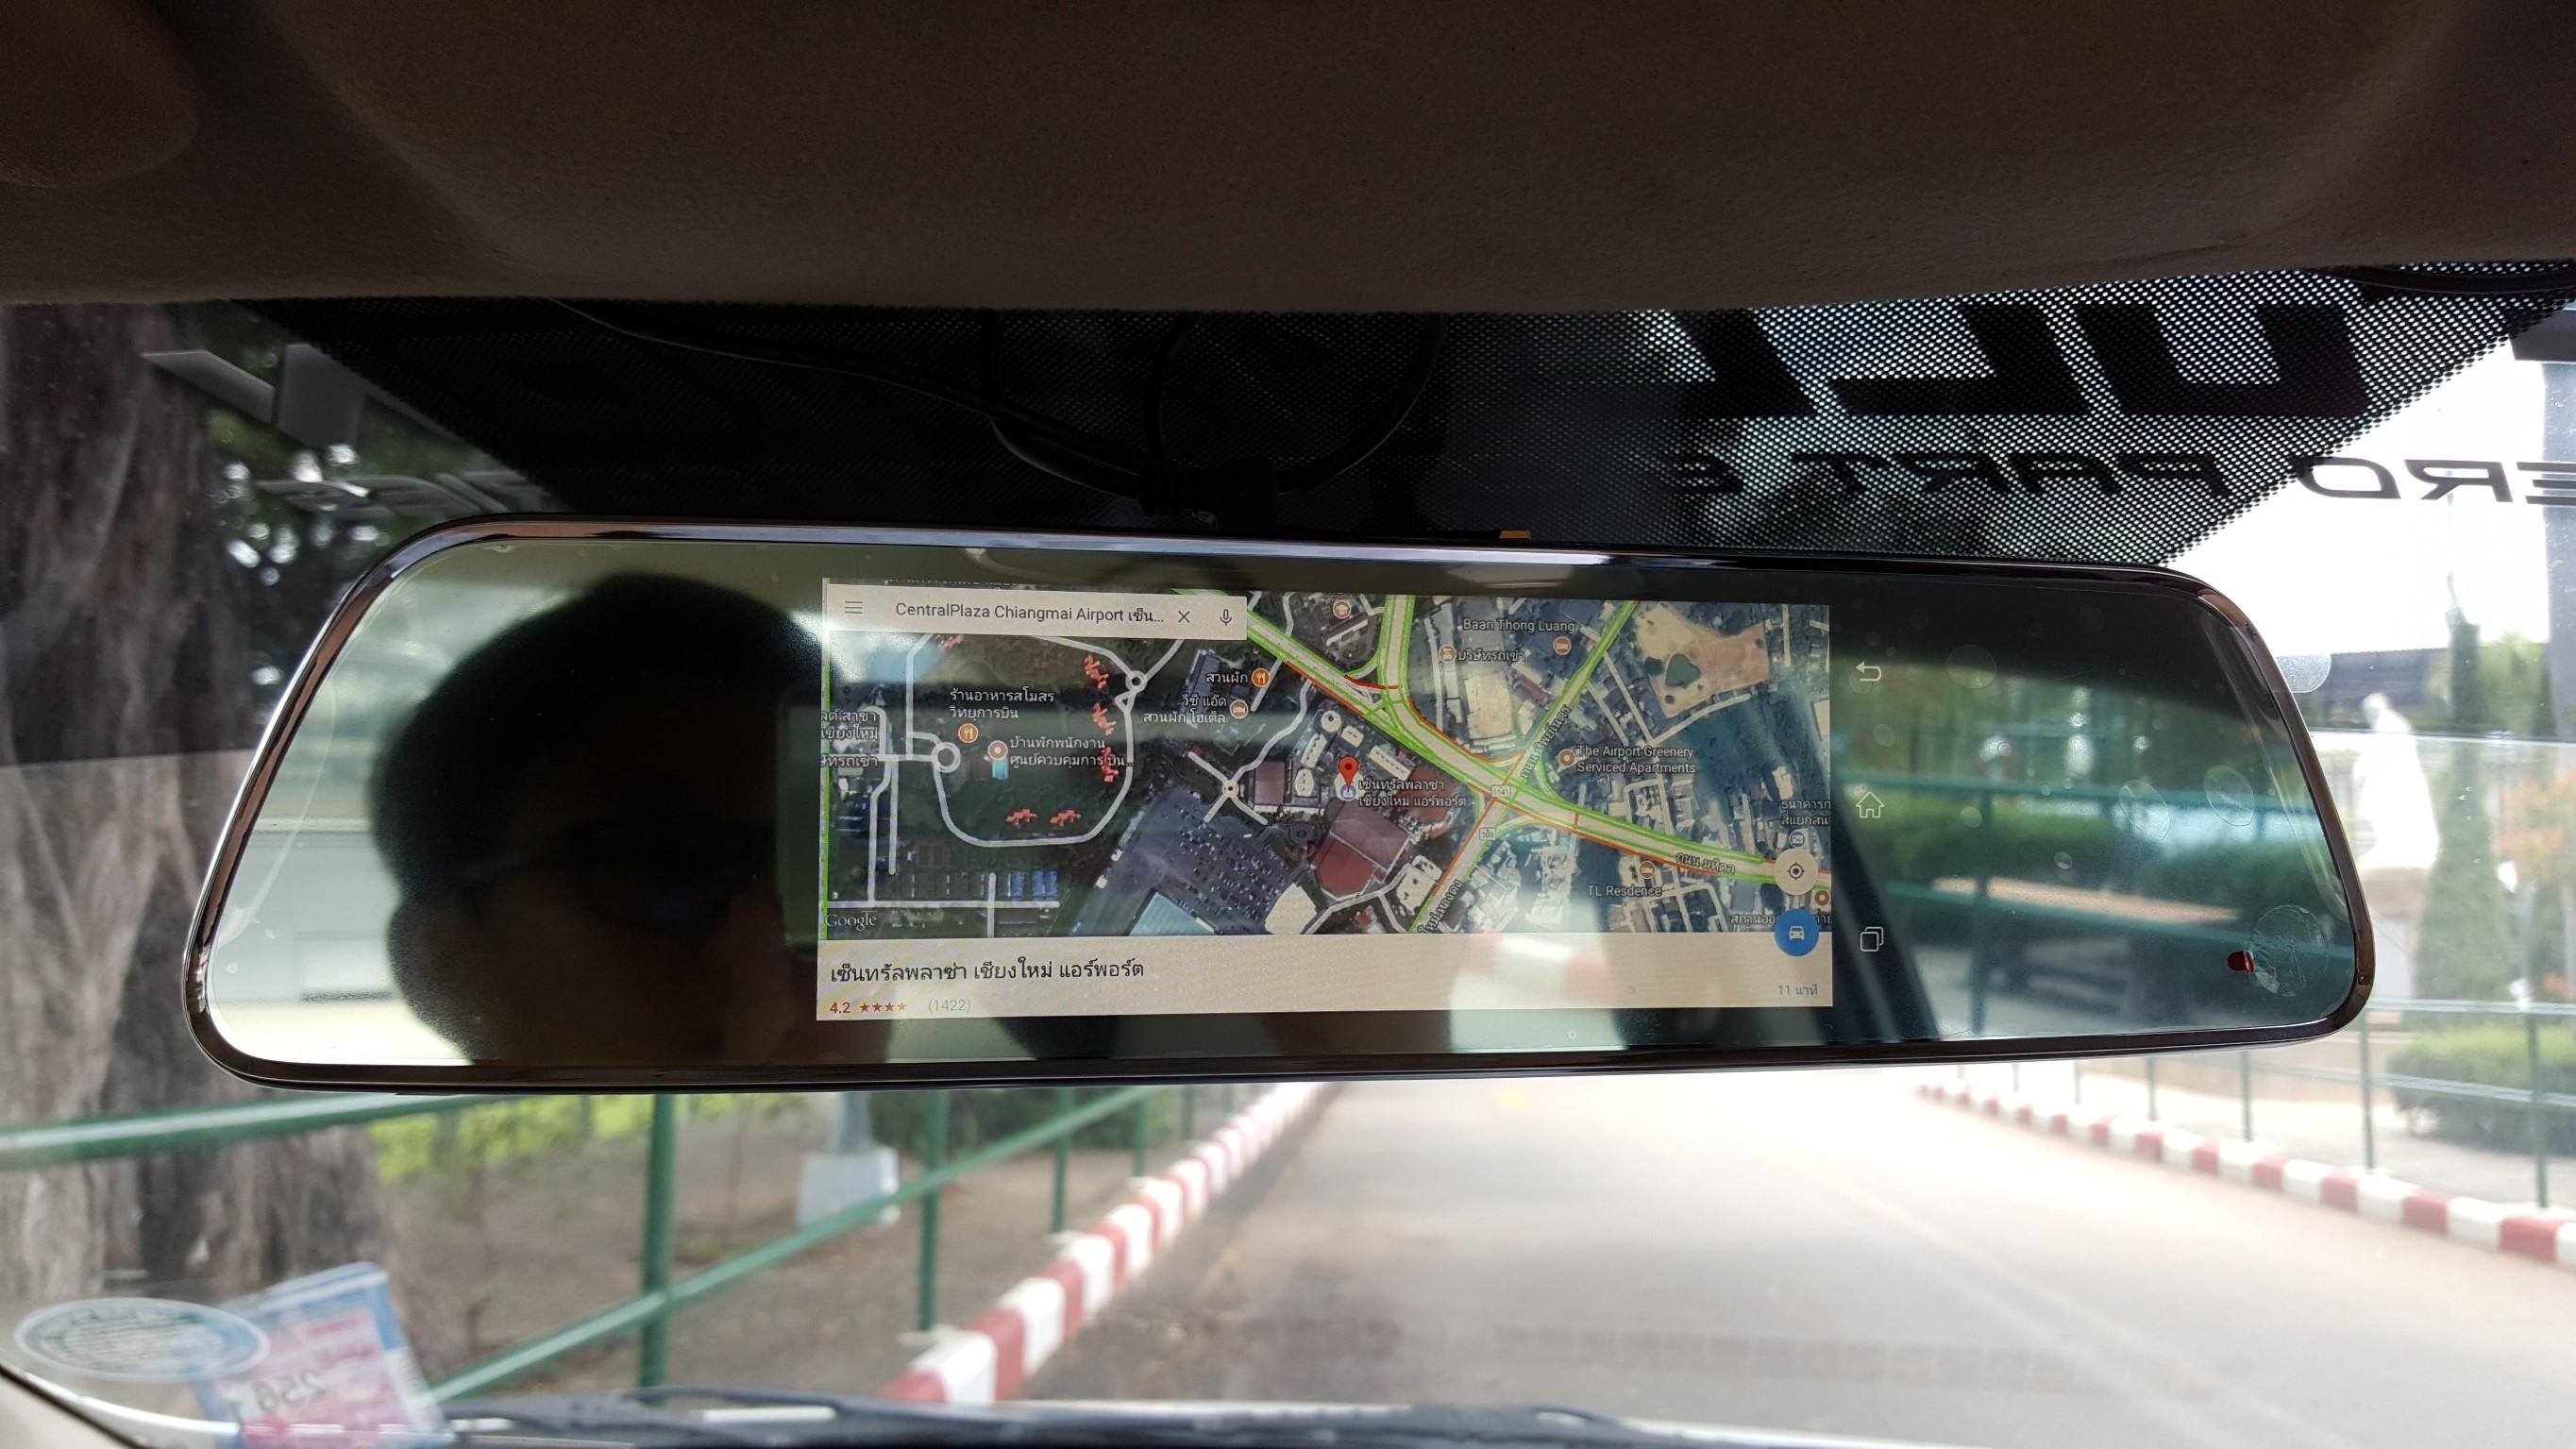 จอกระจก3G wifi_๑๗๐๖๒๕_0005